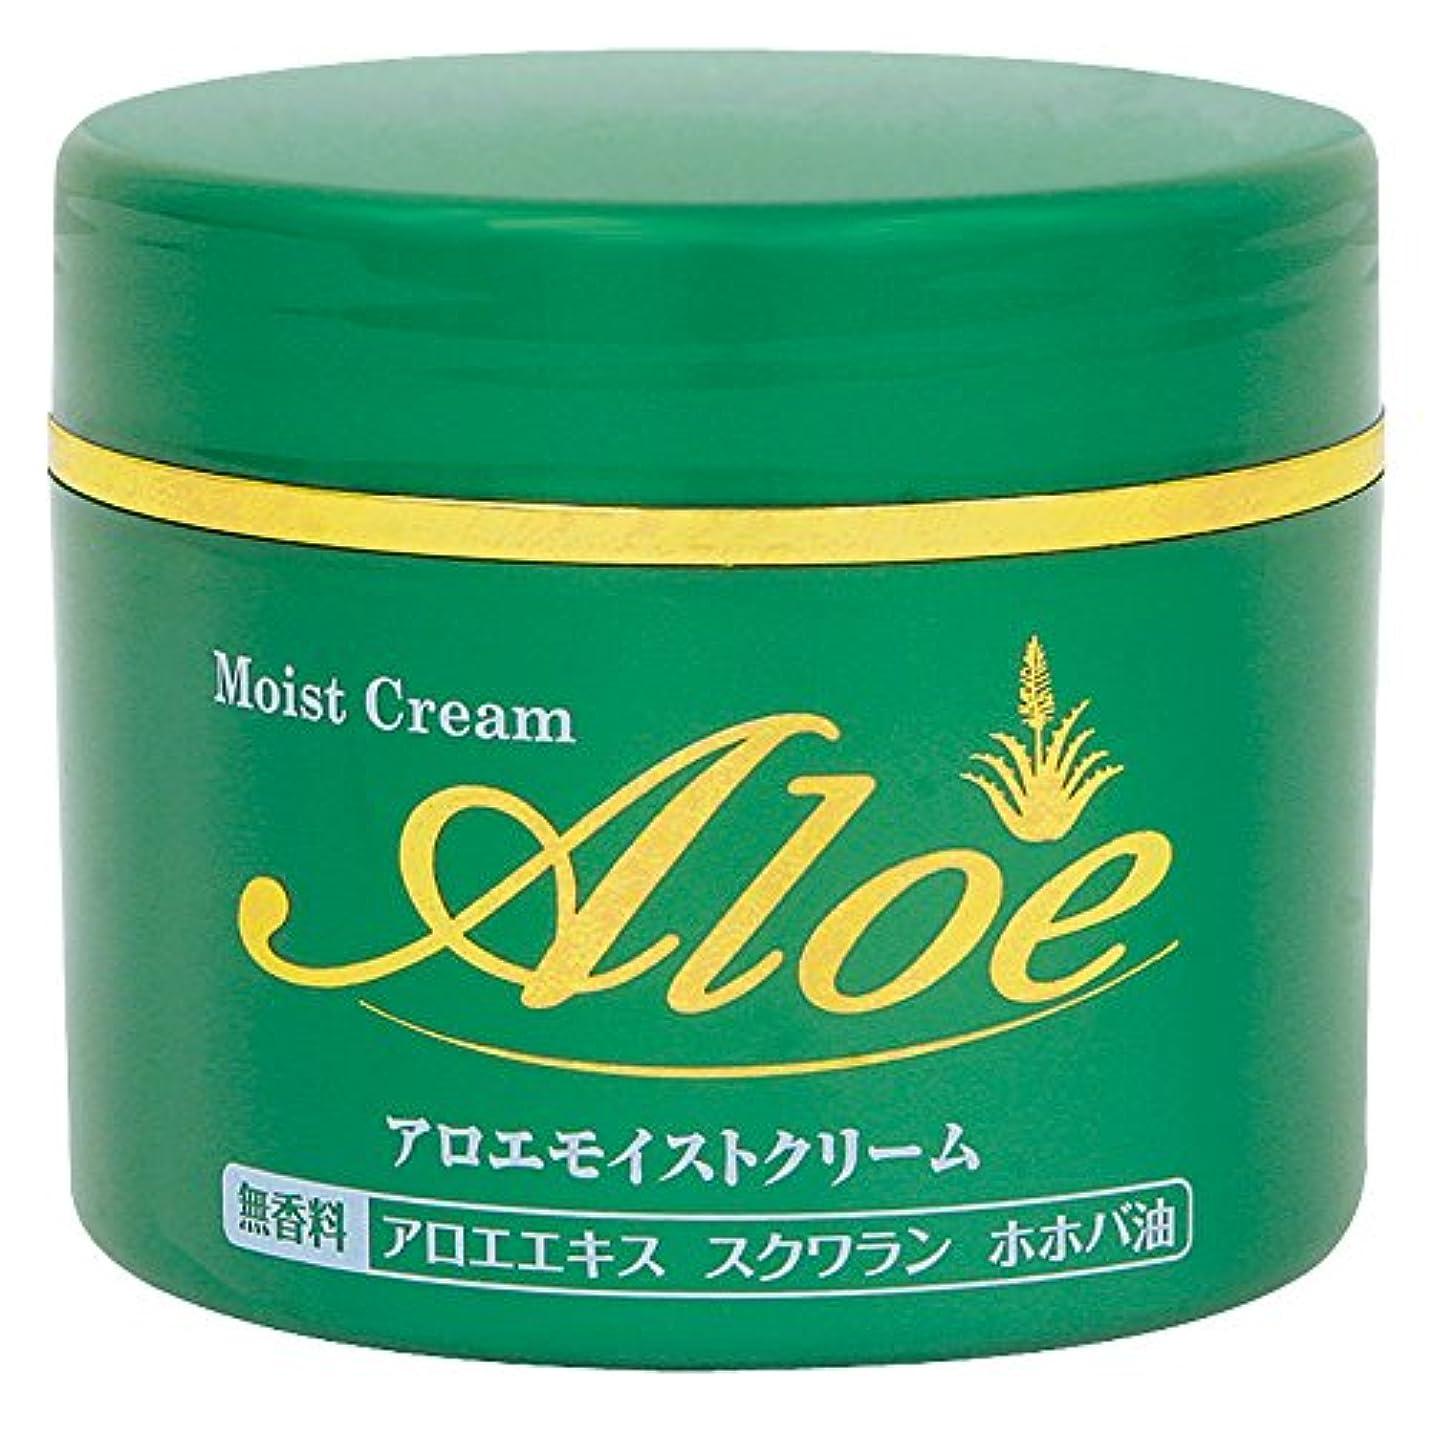 ペインギリック北へベリー井藤漢方製薬 アロエモイストクリーム 160g (アロエクリーム 化粧品)